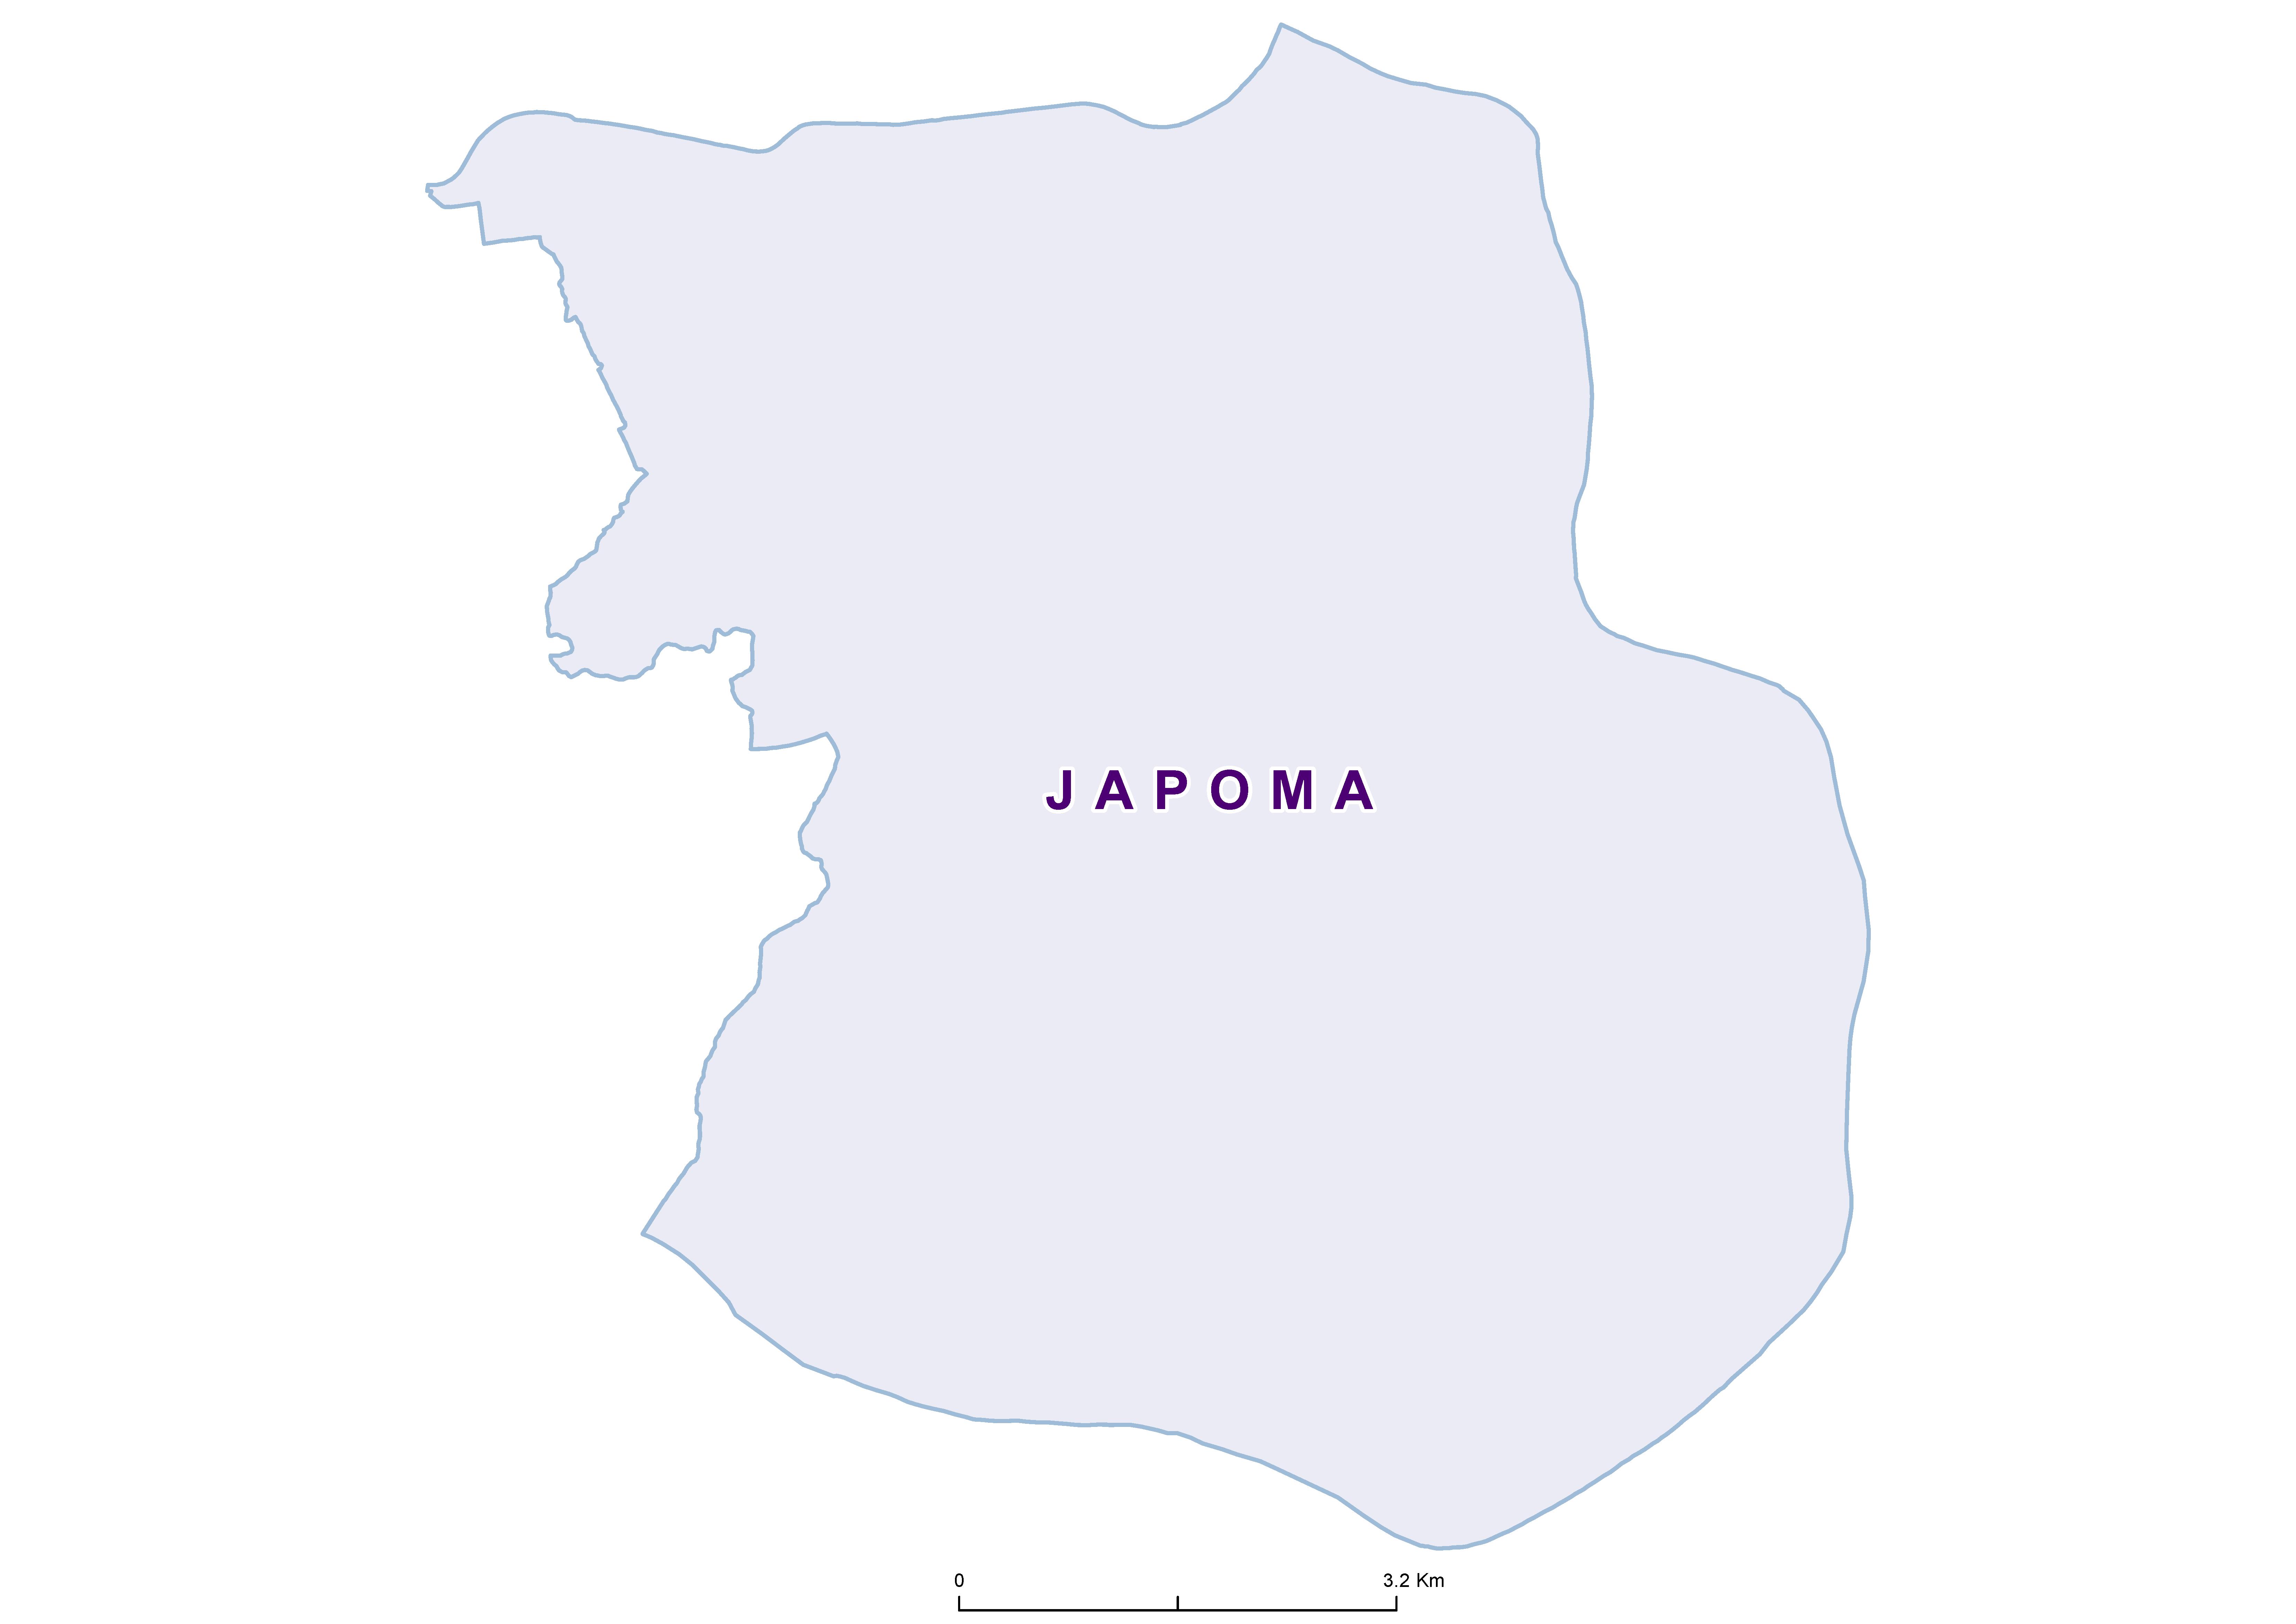 Japoma Mean SCH 20180001